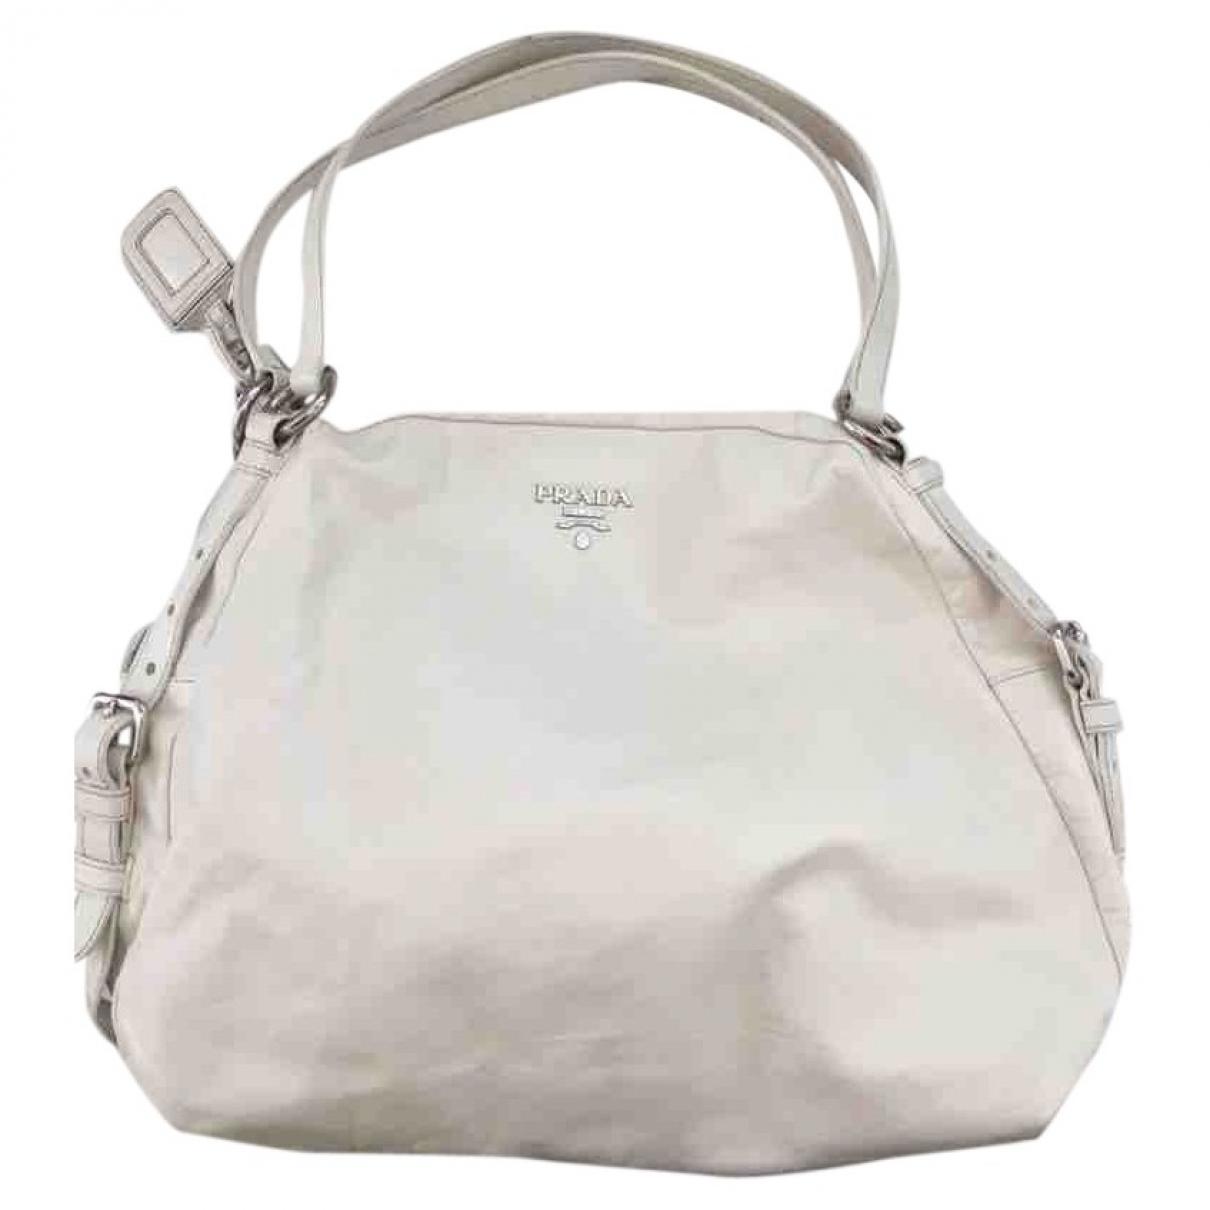 Prada \N White Leather handbag for Women \N